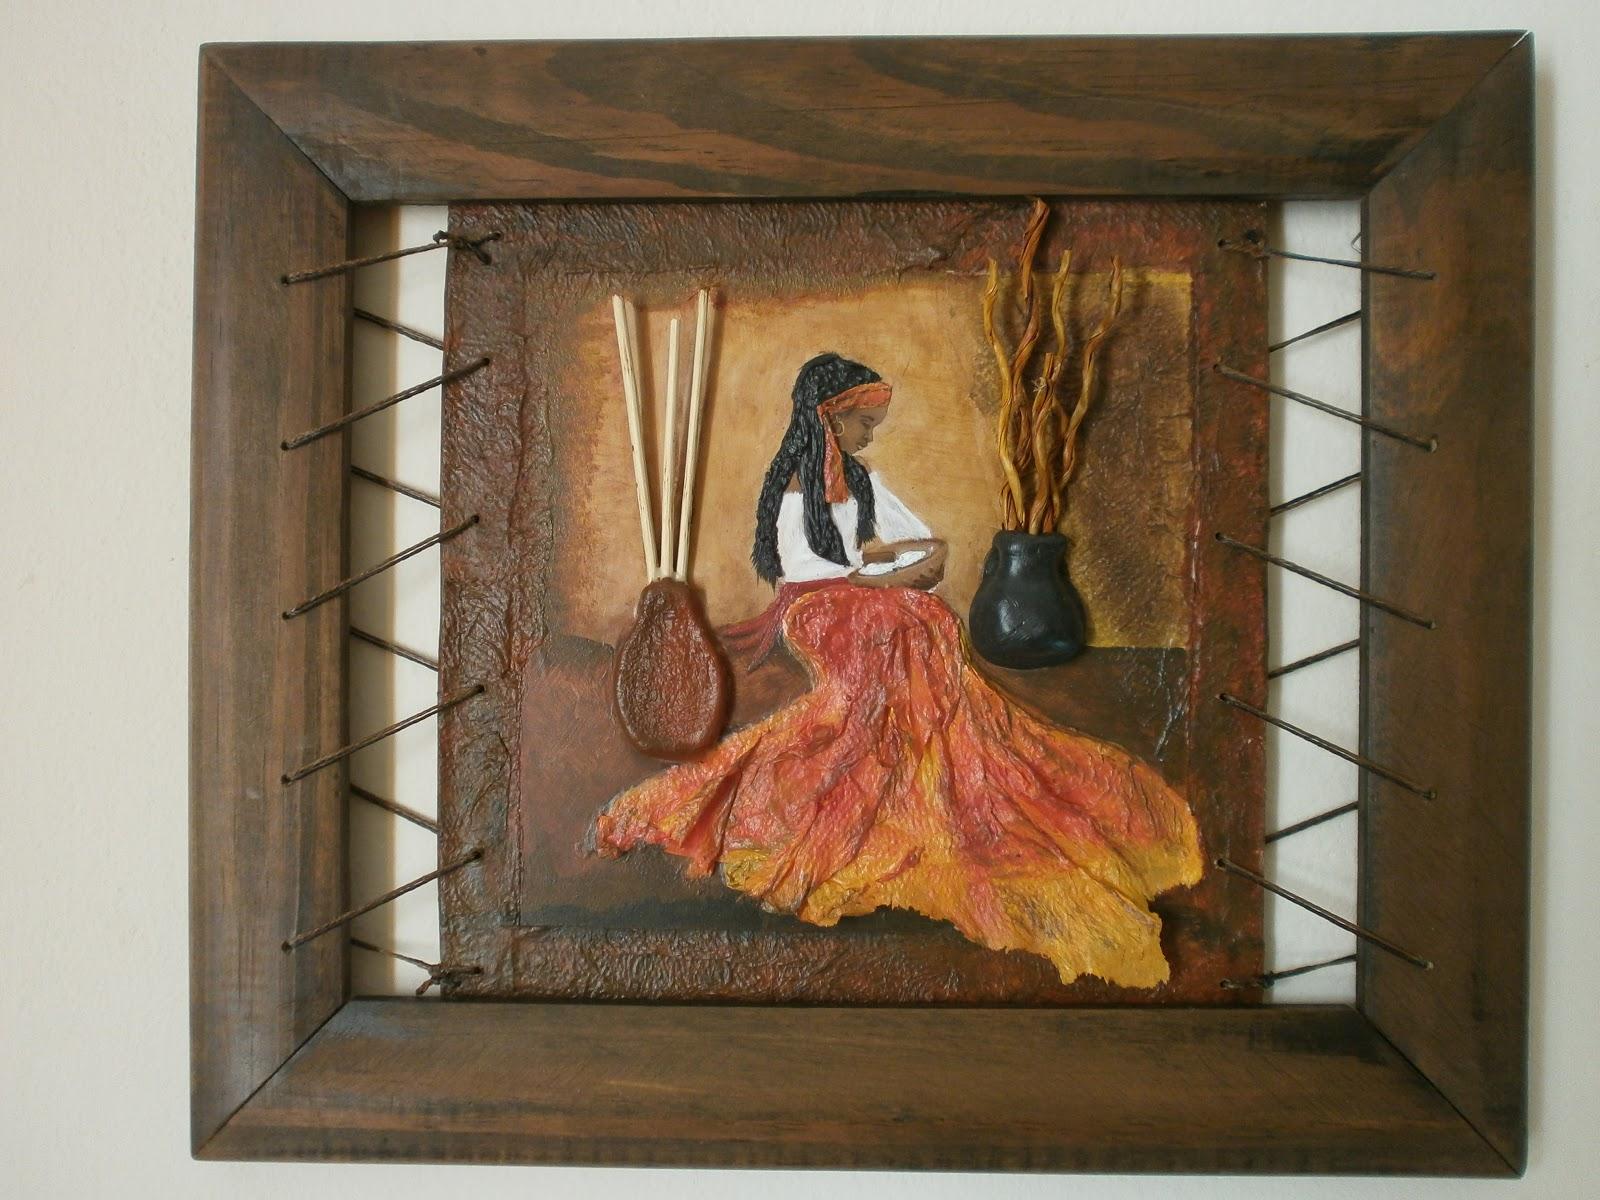 Arte y sur cuadros con relieve - Cuadros con relieve modernos ...